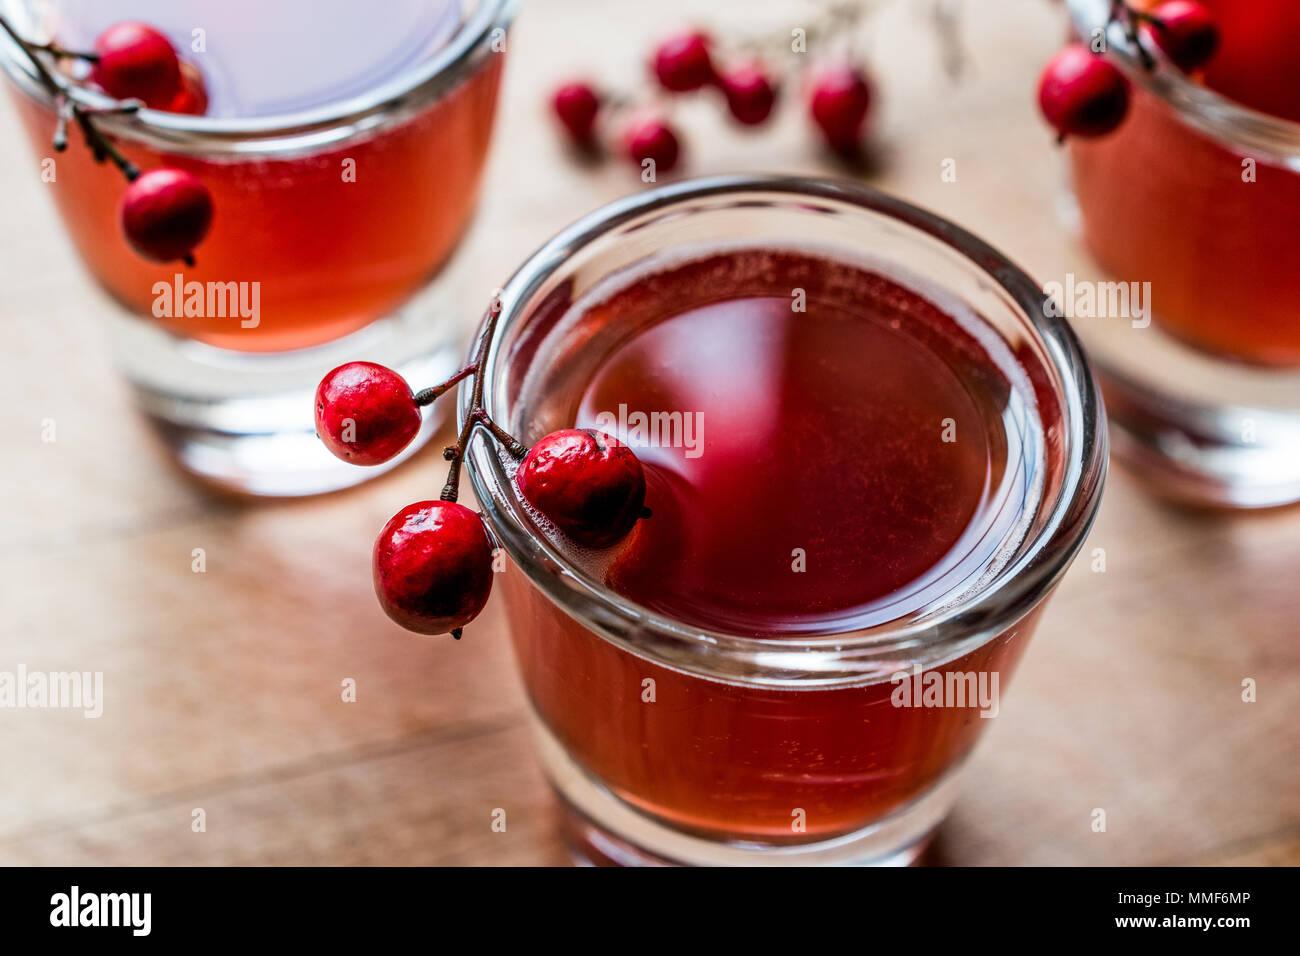 Cocktail a base di mirtillo palustre shot con vodka. Concetto di bevanda. Immagini Stock